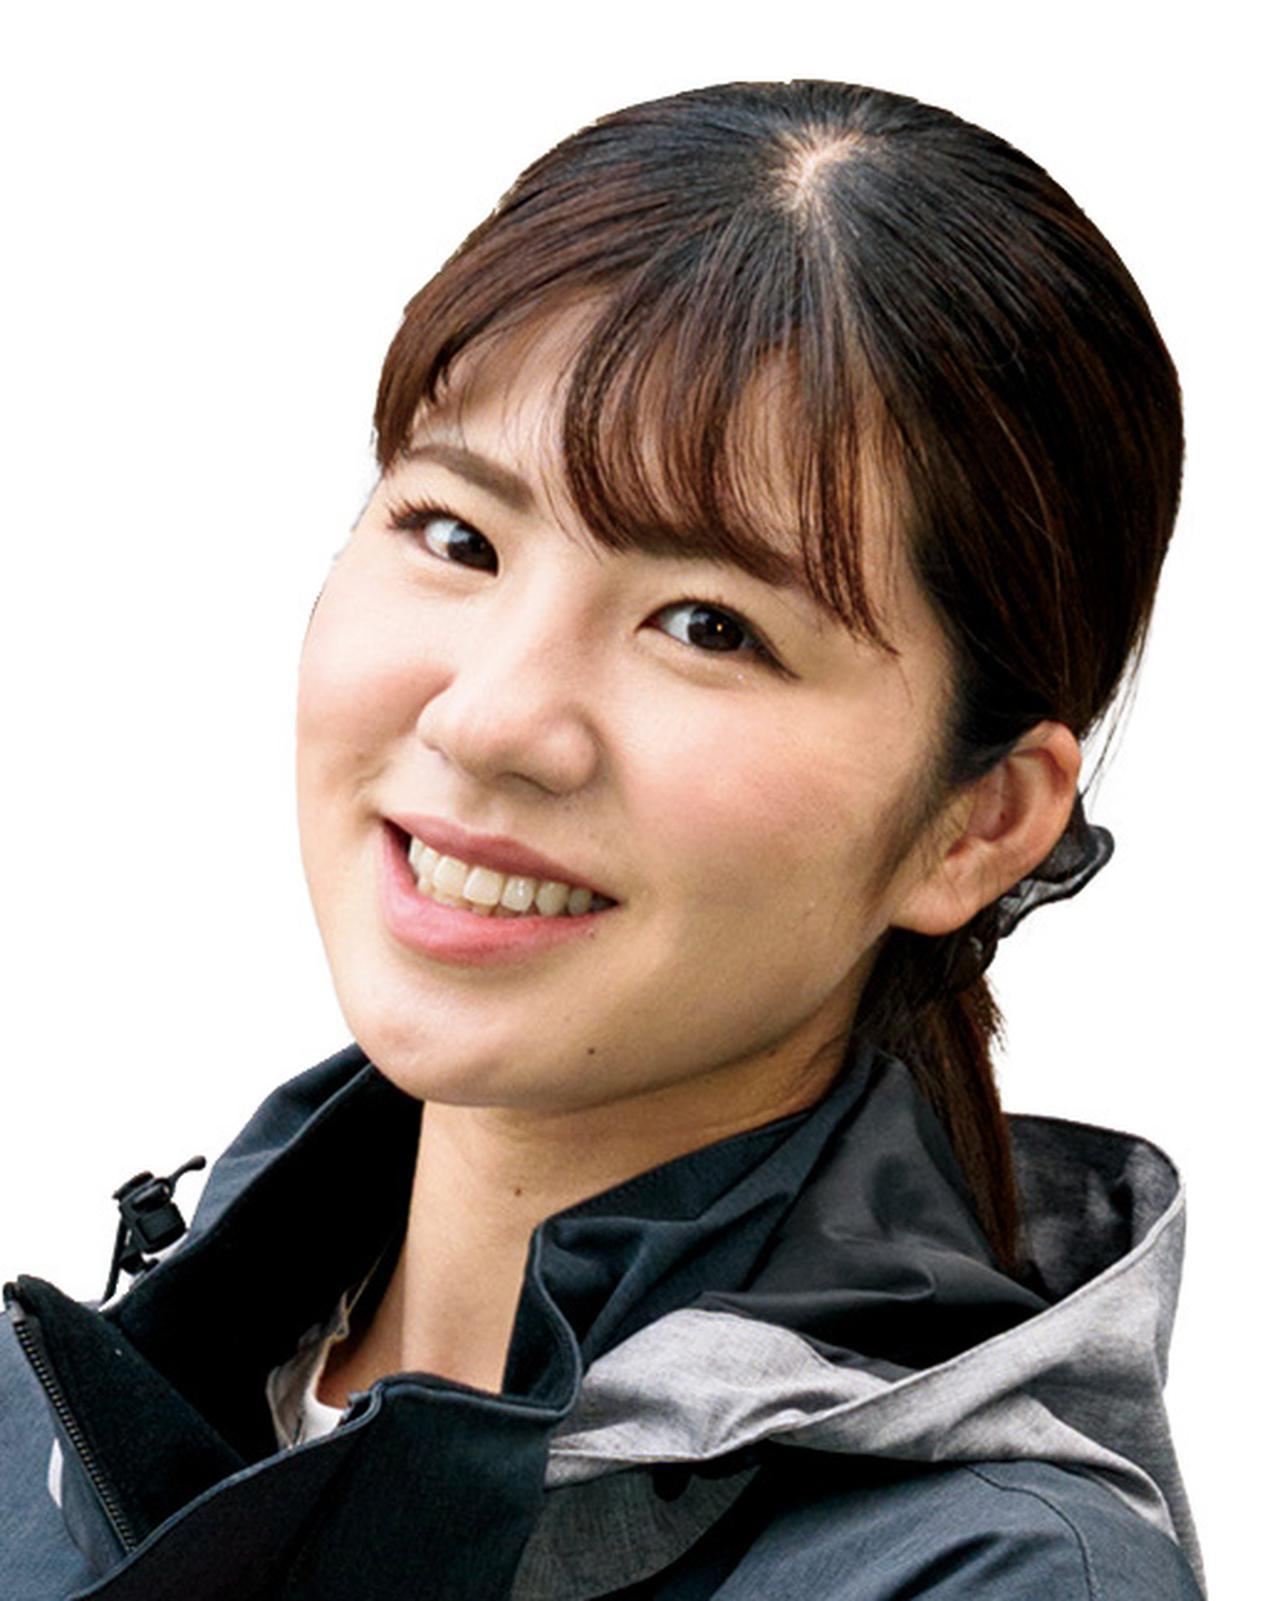 画像1: 「ホンダドリーム 駒沢246」の魅力とは?【梅本まどかのドリームクエスト2】